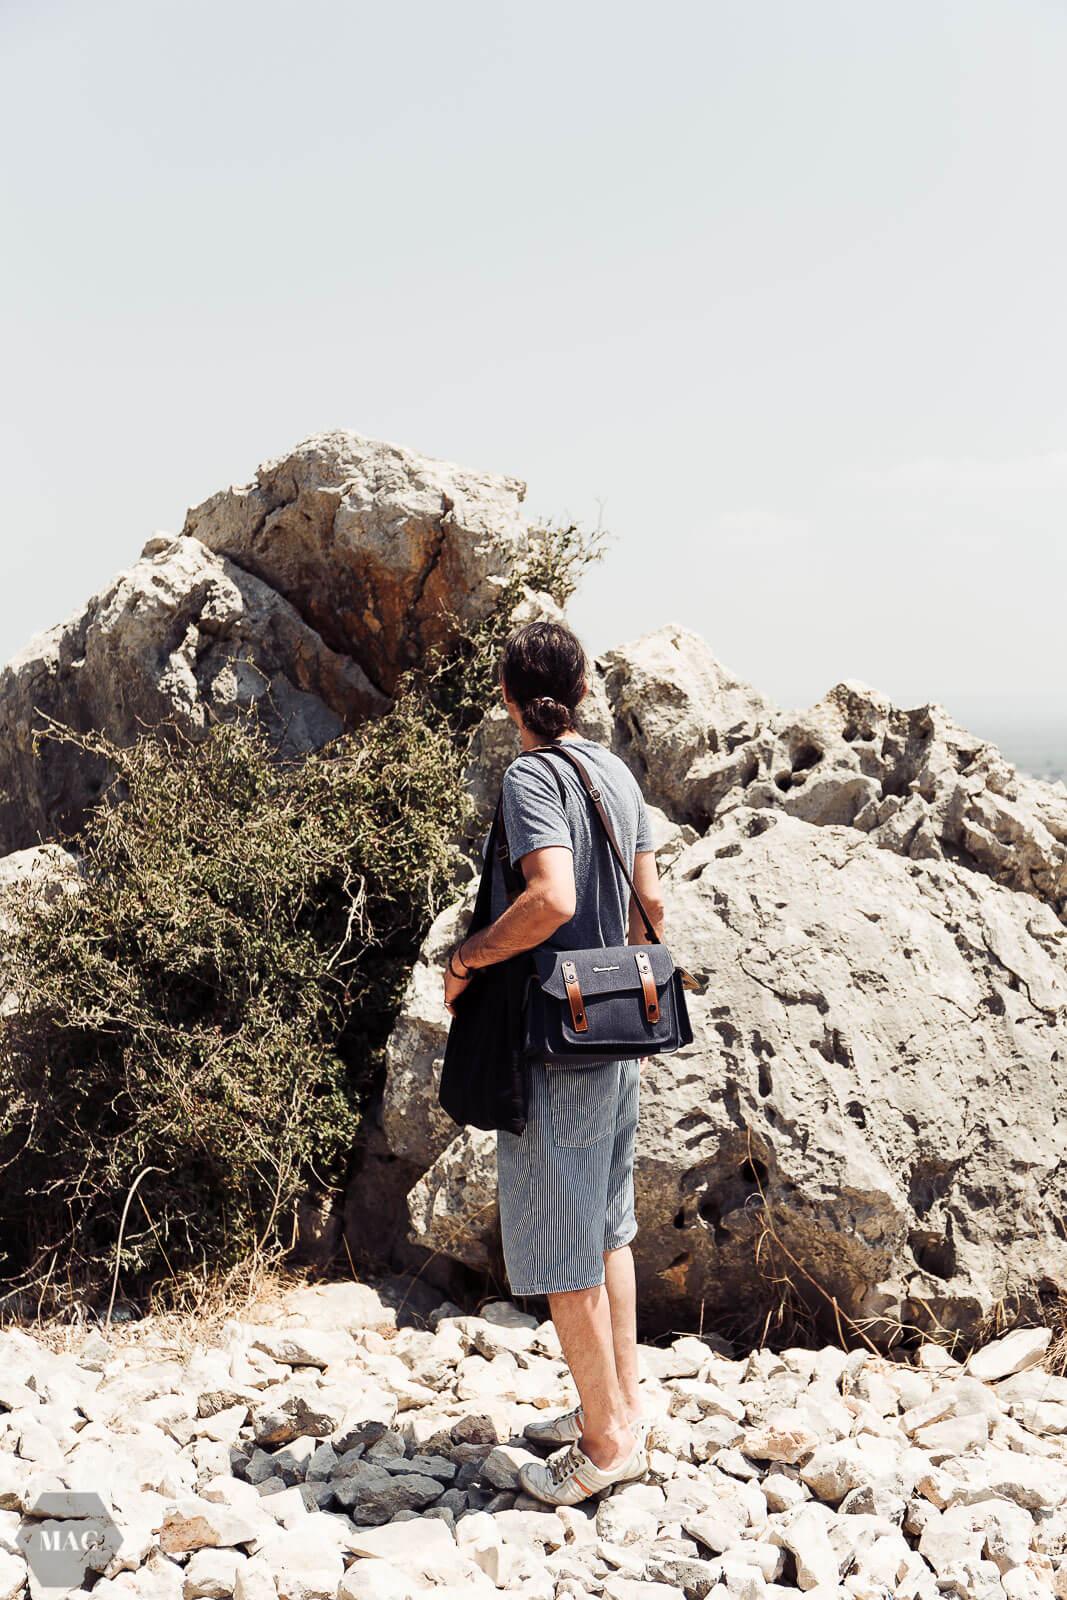 nachhaltig reisen, türkei reisen, reisen in die türkei, türkei reisen nachhaltig, weniger reisen dafür besser, nachhaltig reisen, reisen